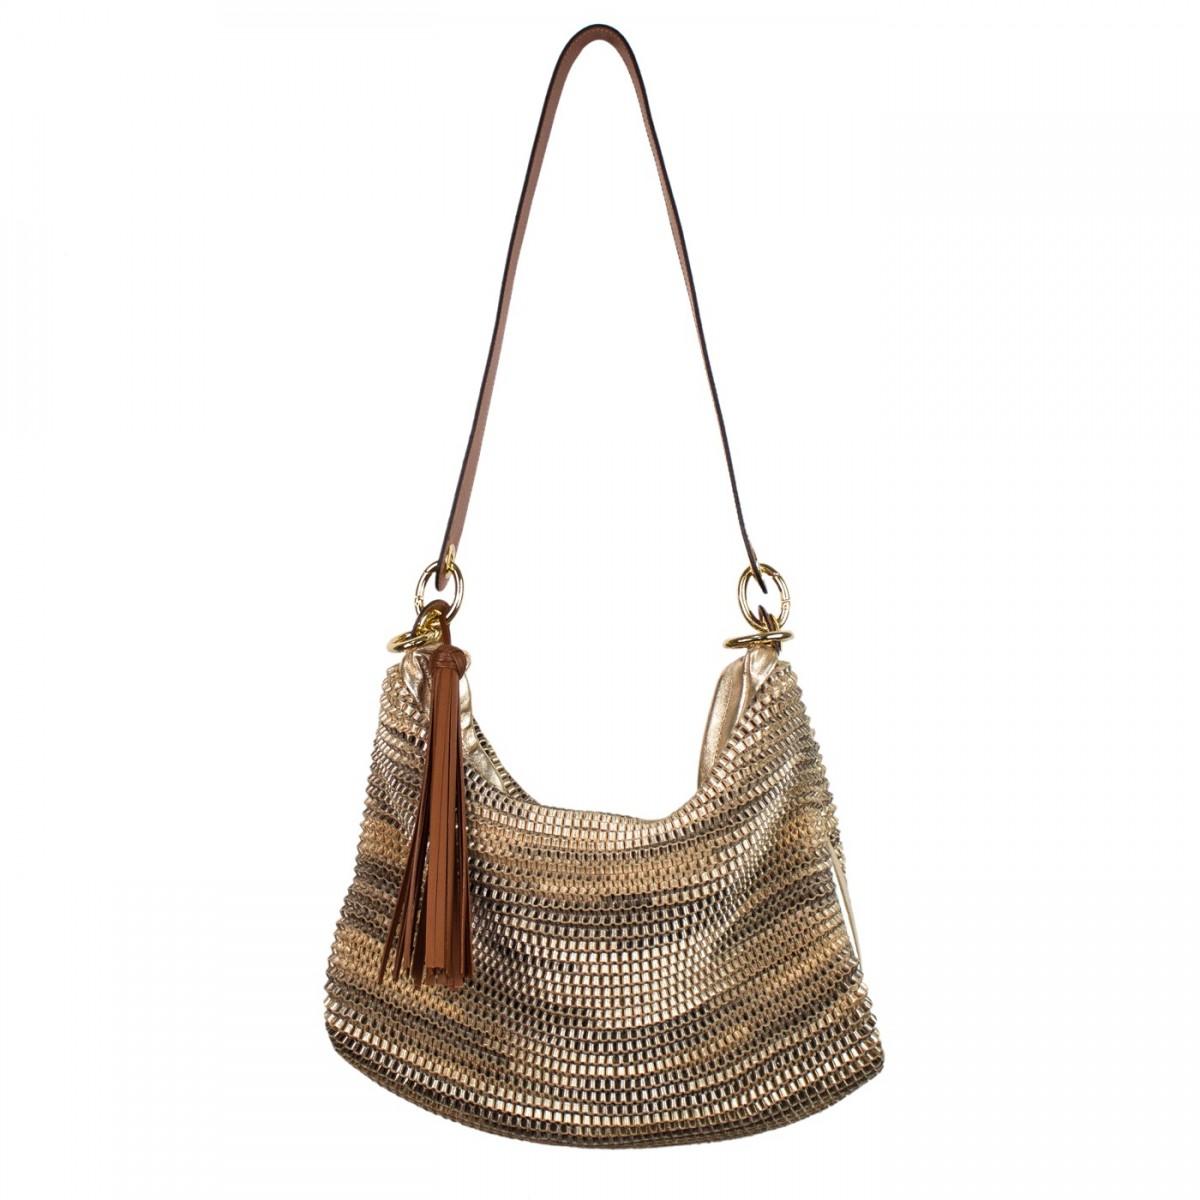 Bolsa De Couro Preta Luz Da Lua : Bizz store bolsa feminina luz da lua madras couro